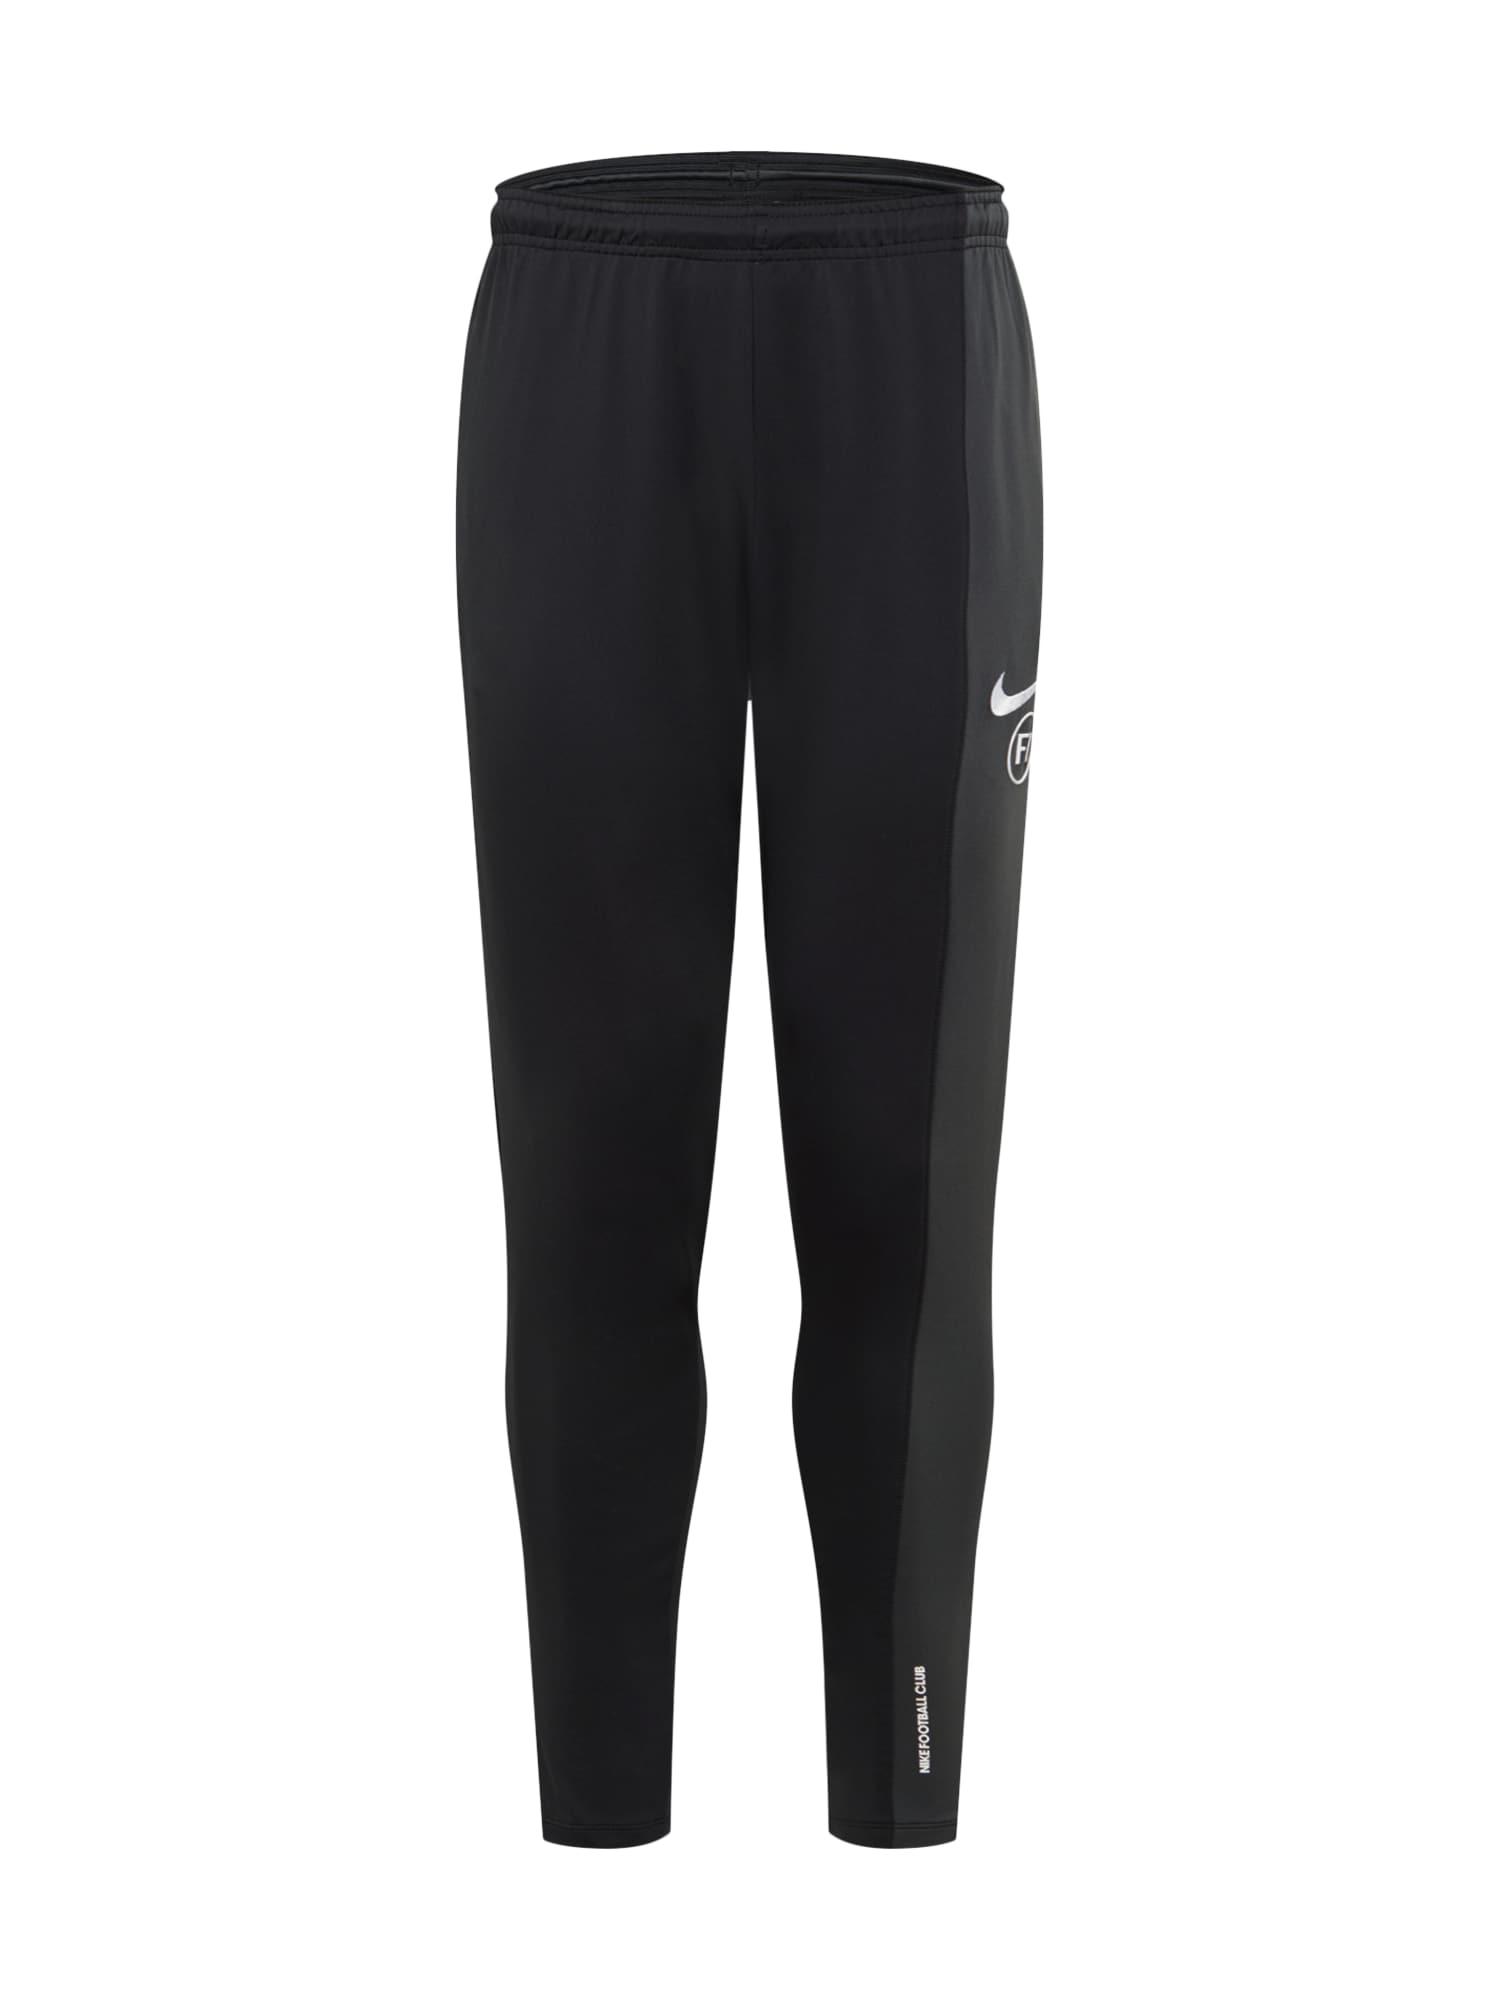 NIKE Sportinės kelnės juoda / tamsiai pilka / balta